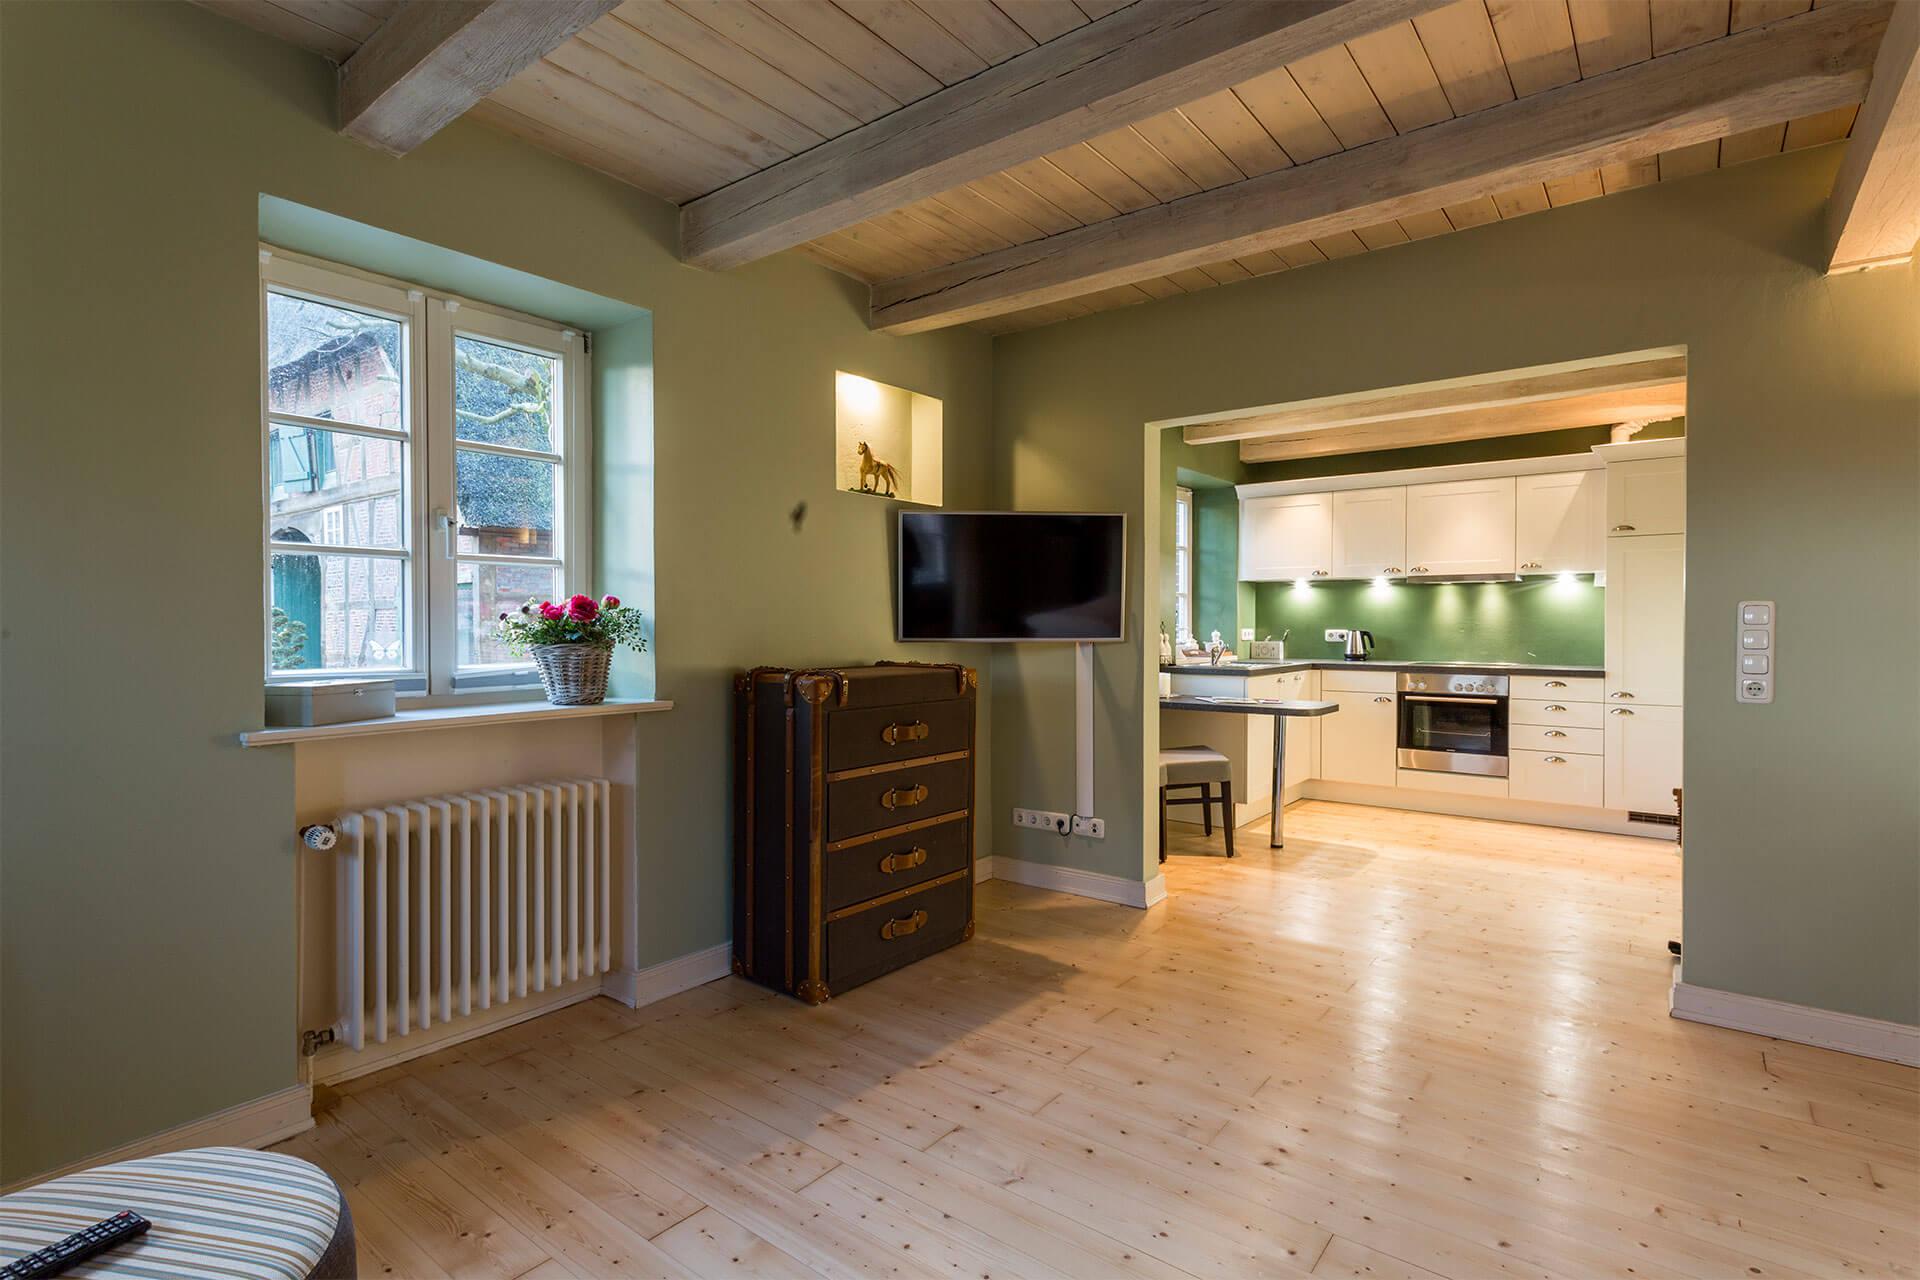 Wohnzimmer mit Blick in die Landhausküche des Apartments Moritz